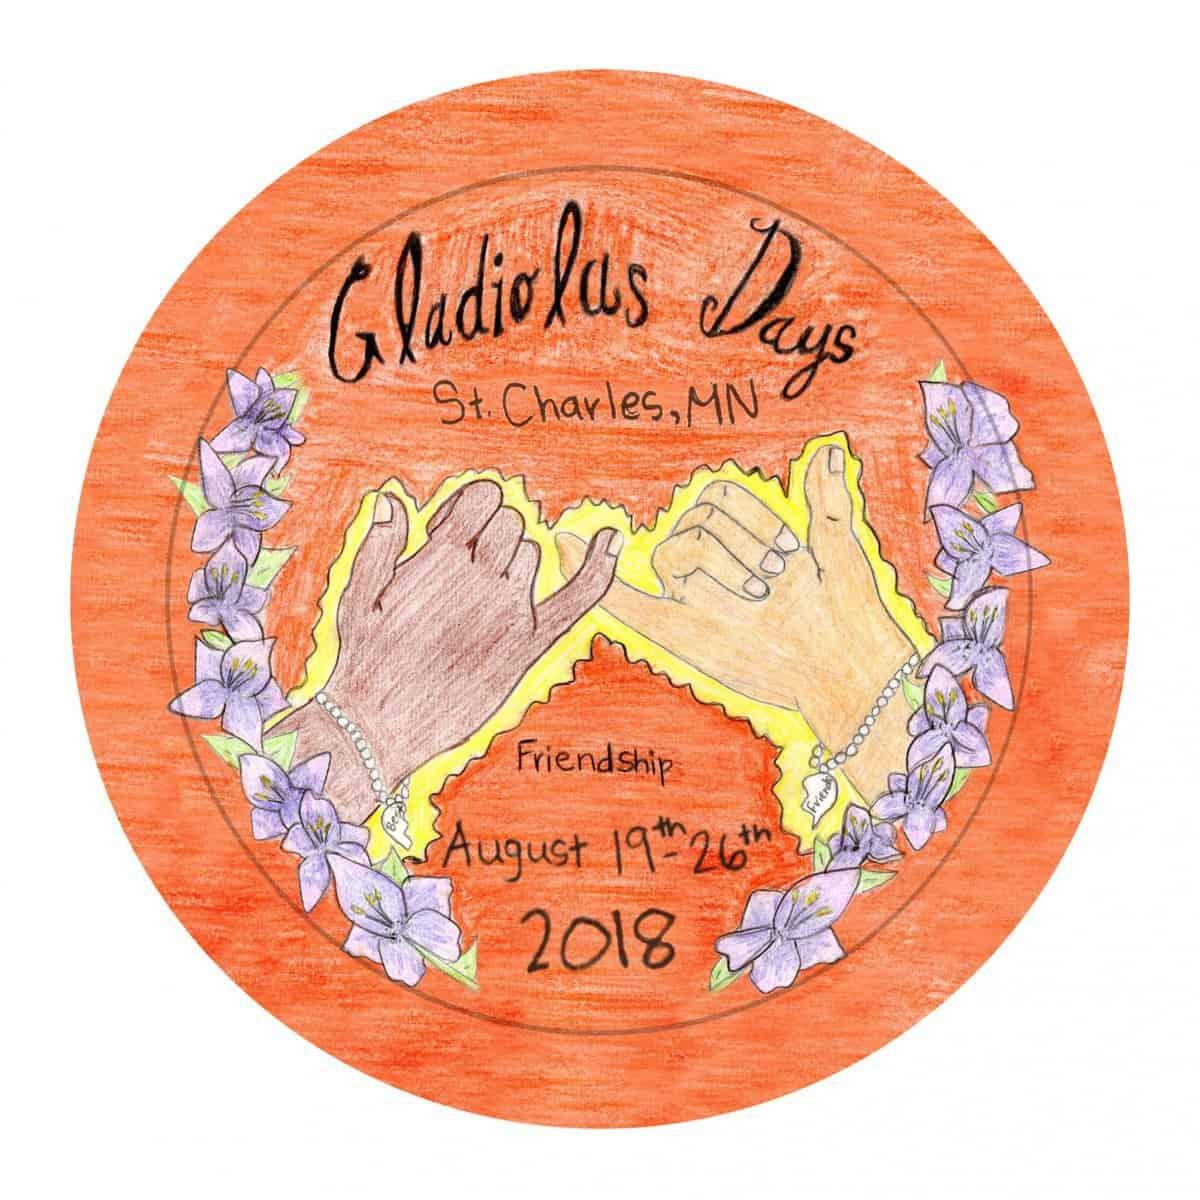 Gladiolus Days